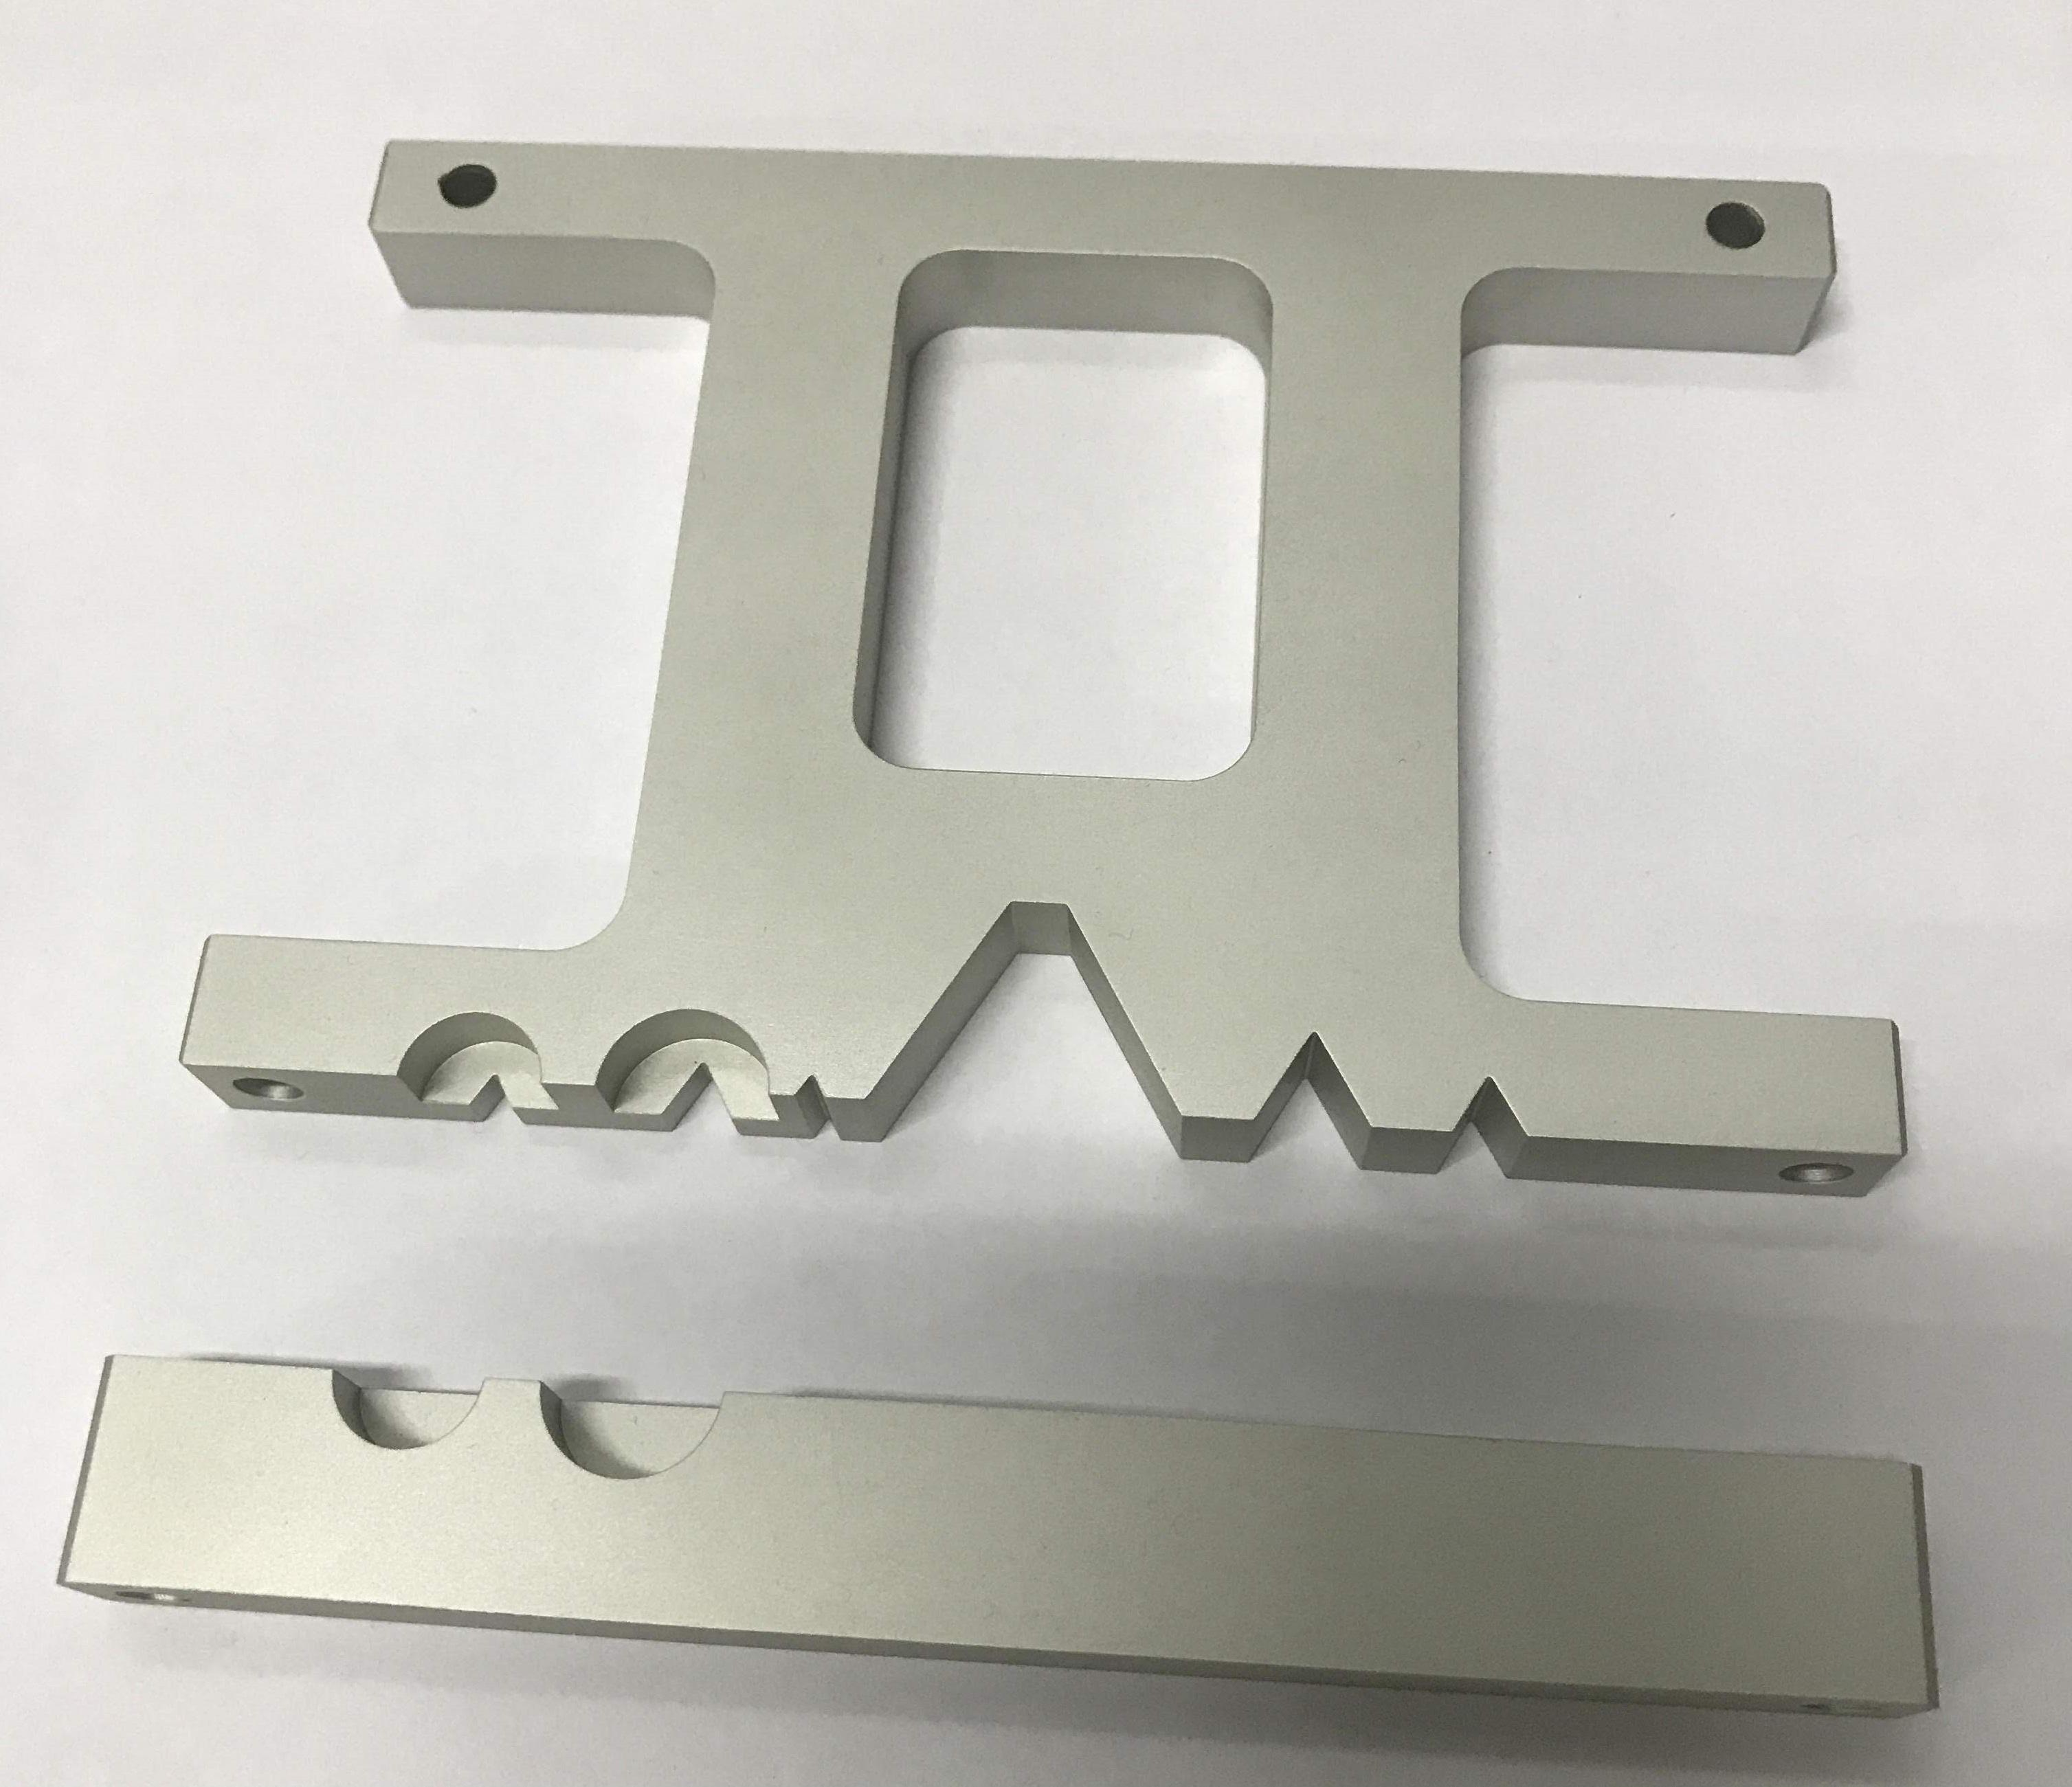 [ 金属加工部品 ]特急 顕微鏡部品(アルミ/A5052製)